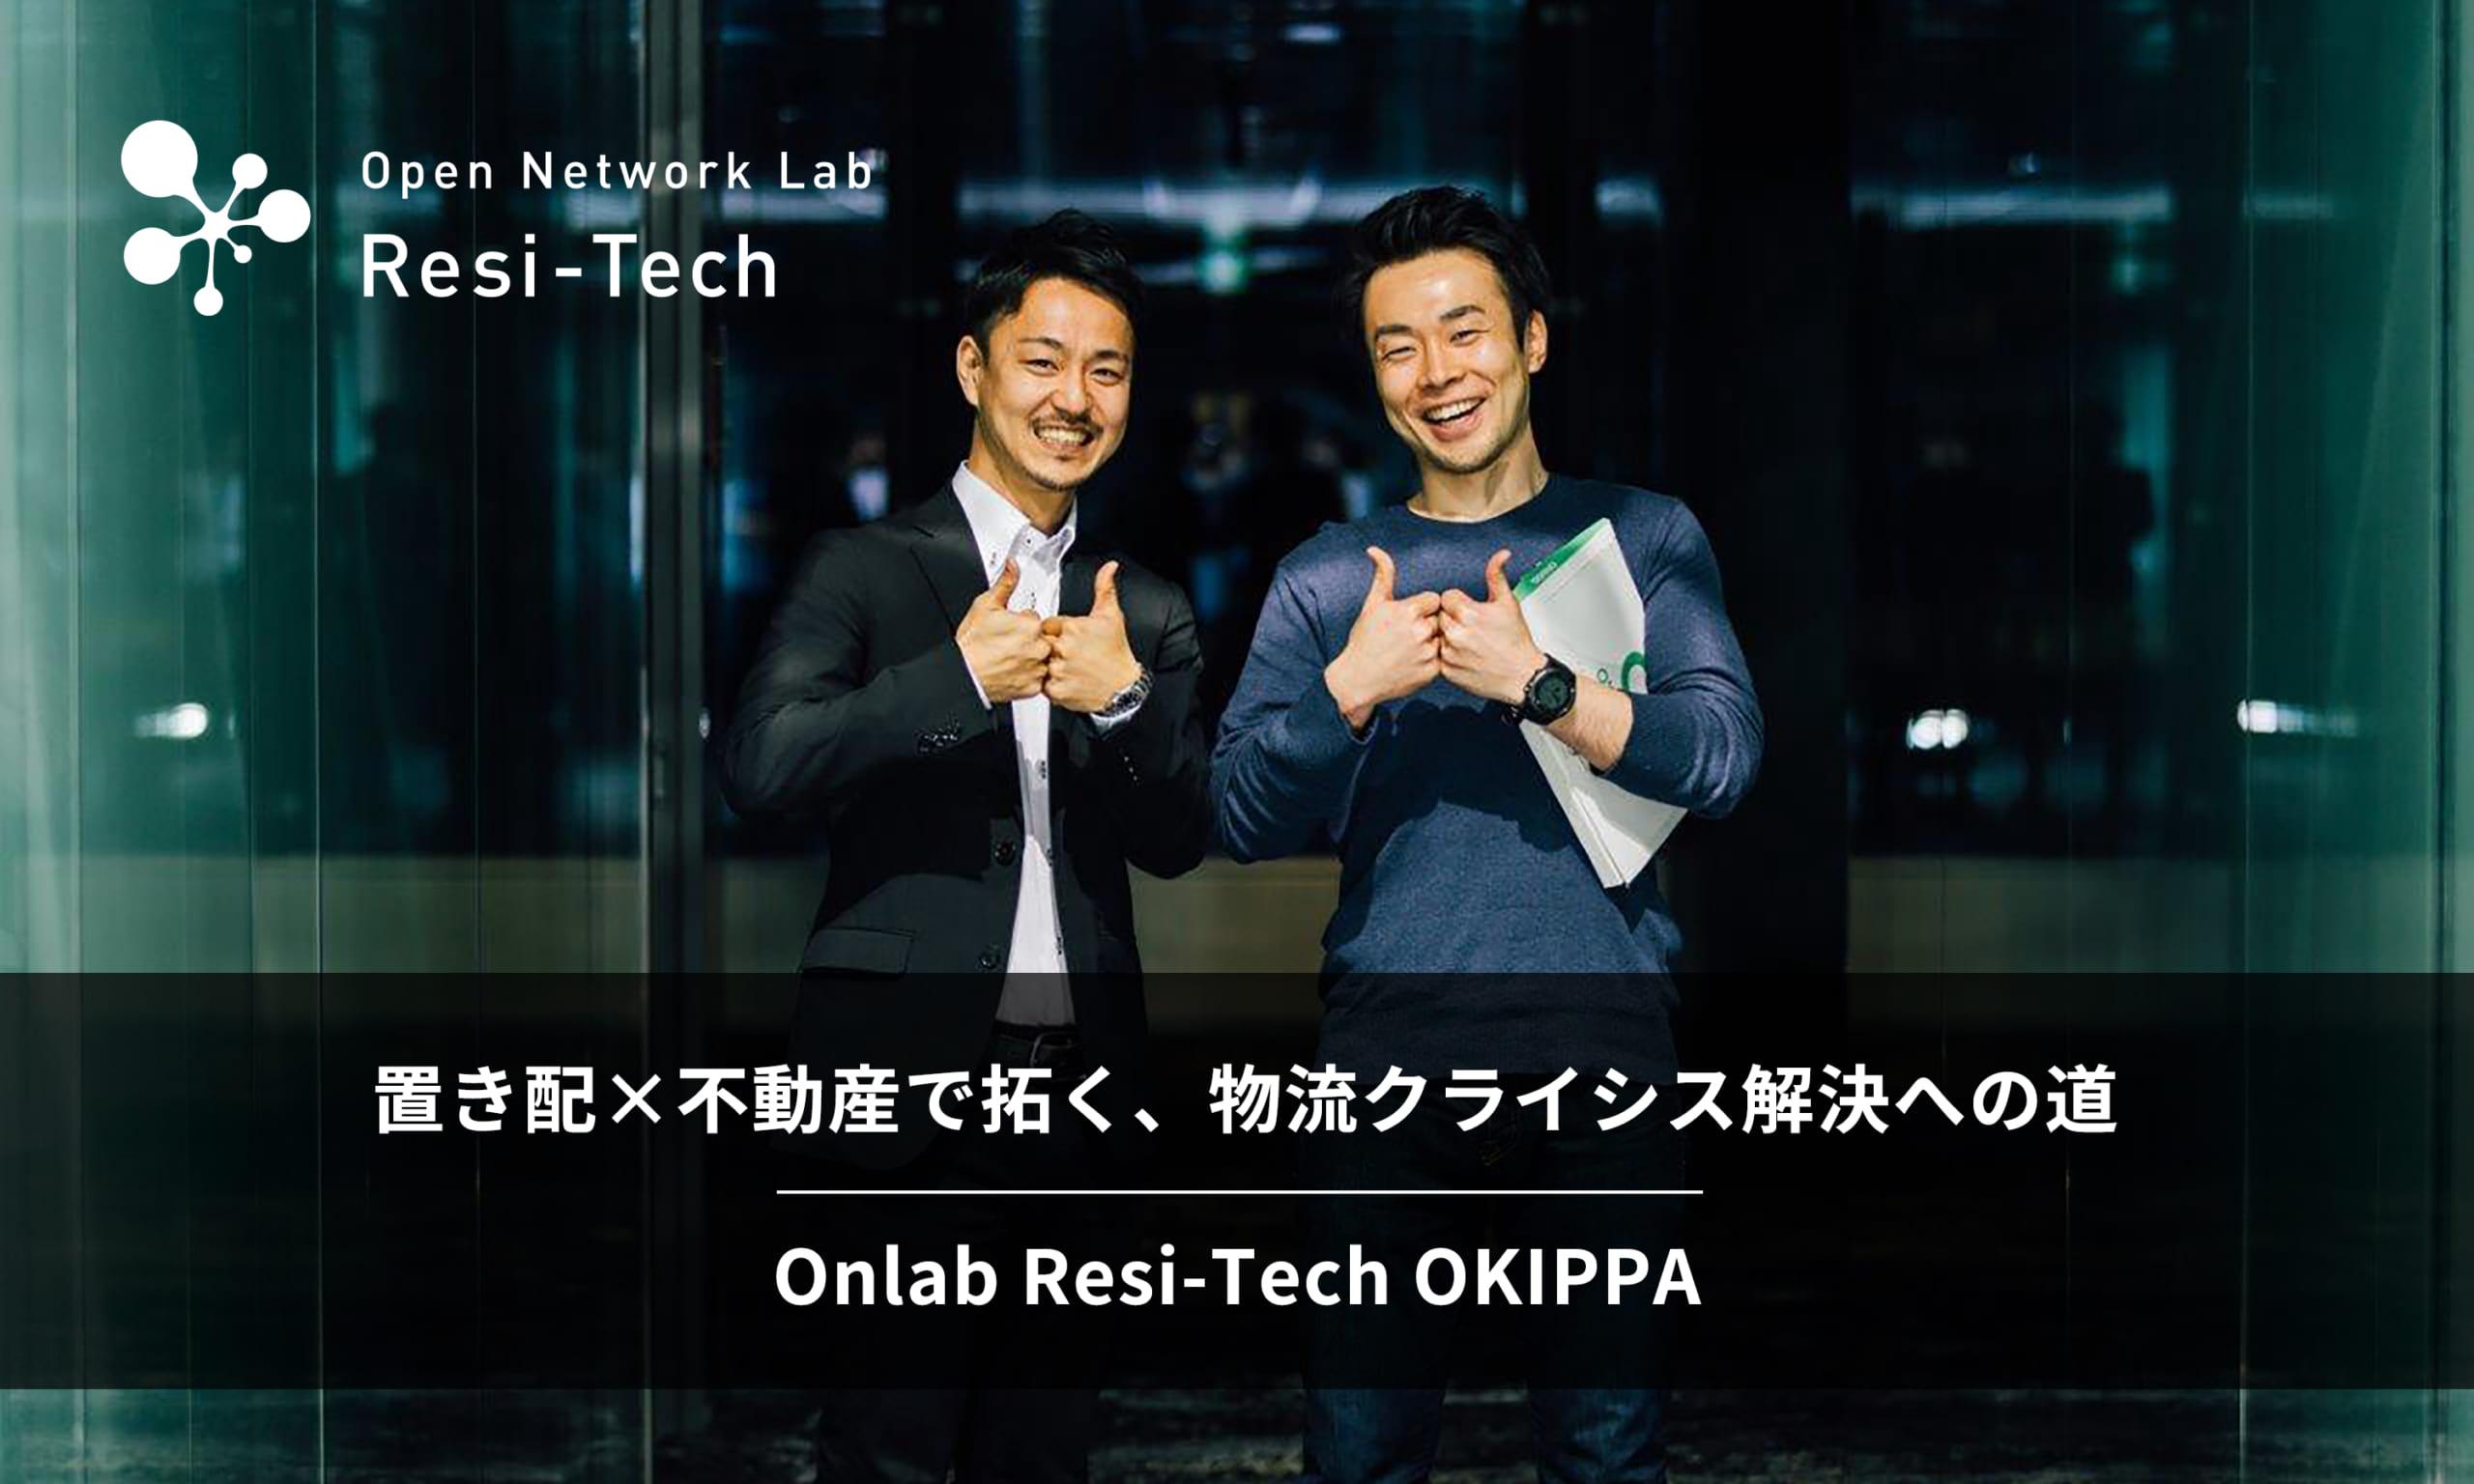 置き配×不動産で拓く、物流クライシス解決への道|Onlab Resi-Tech OKIPPA